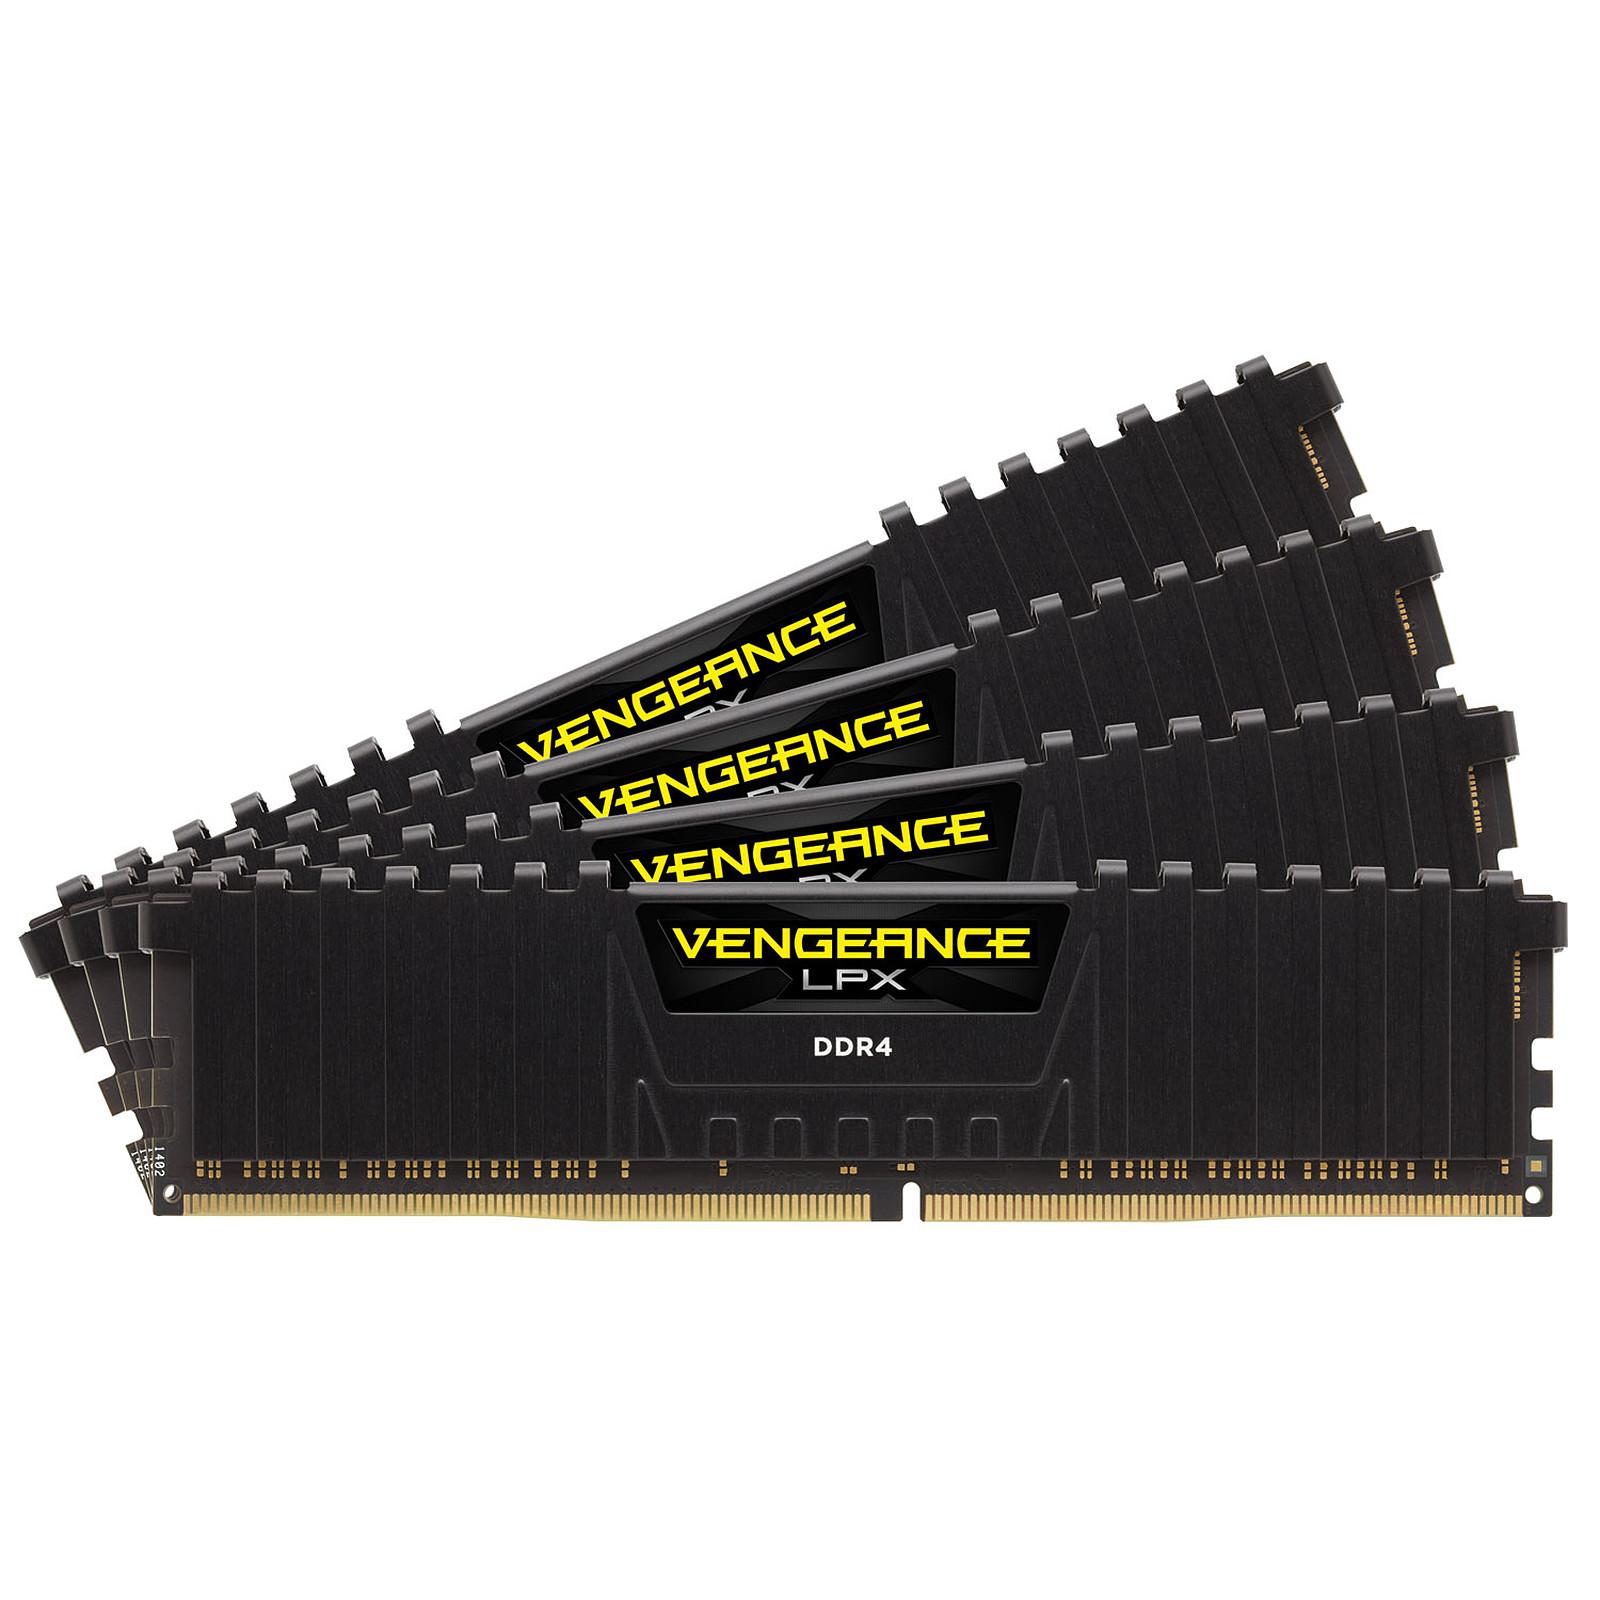 Corsair Vengeance LPX Series Low Profile 64 Go (4x 16 Go) DDR4 3600 MHz CL18